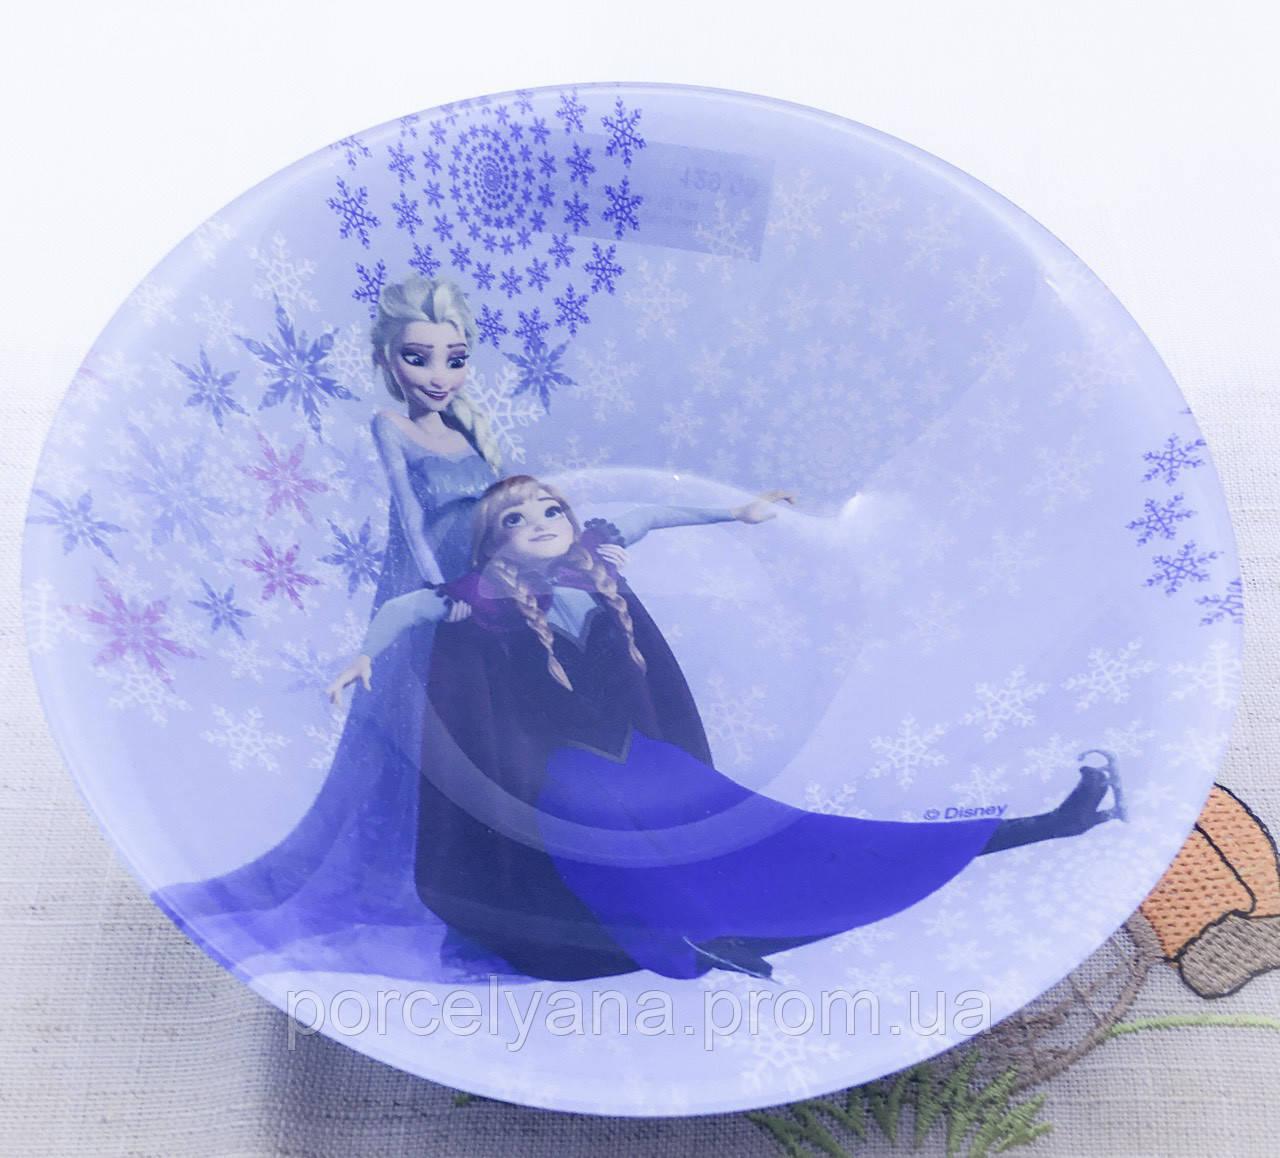 Салатница Disney Frozen 16 см Luminarc